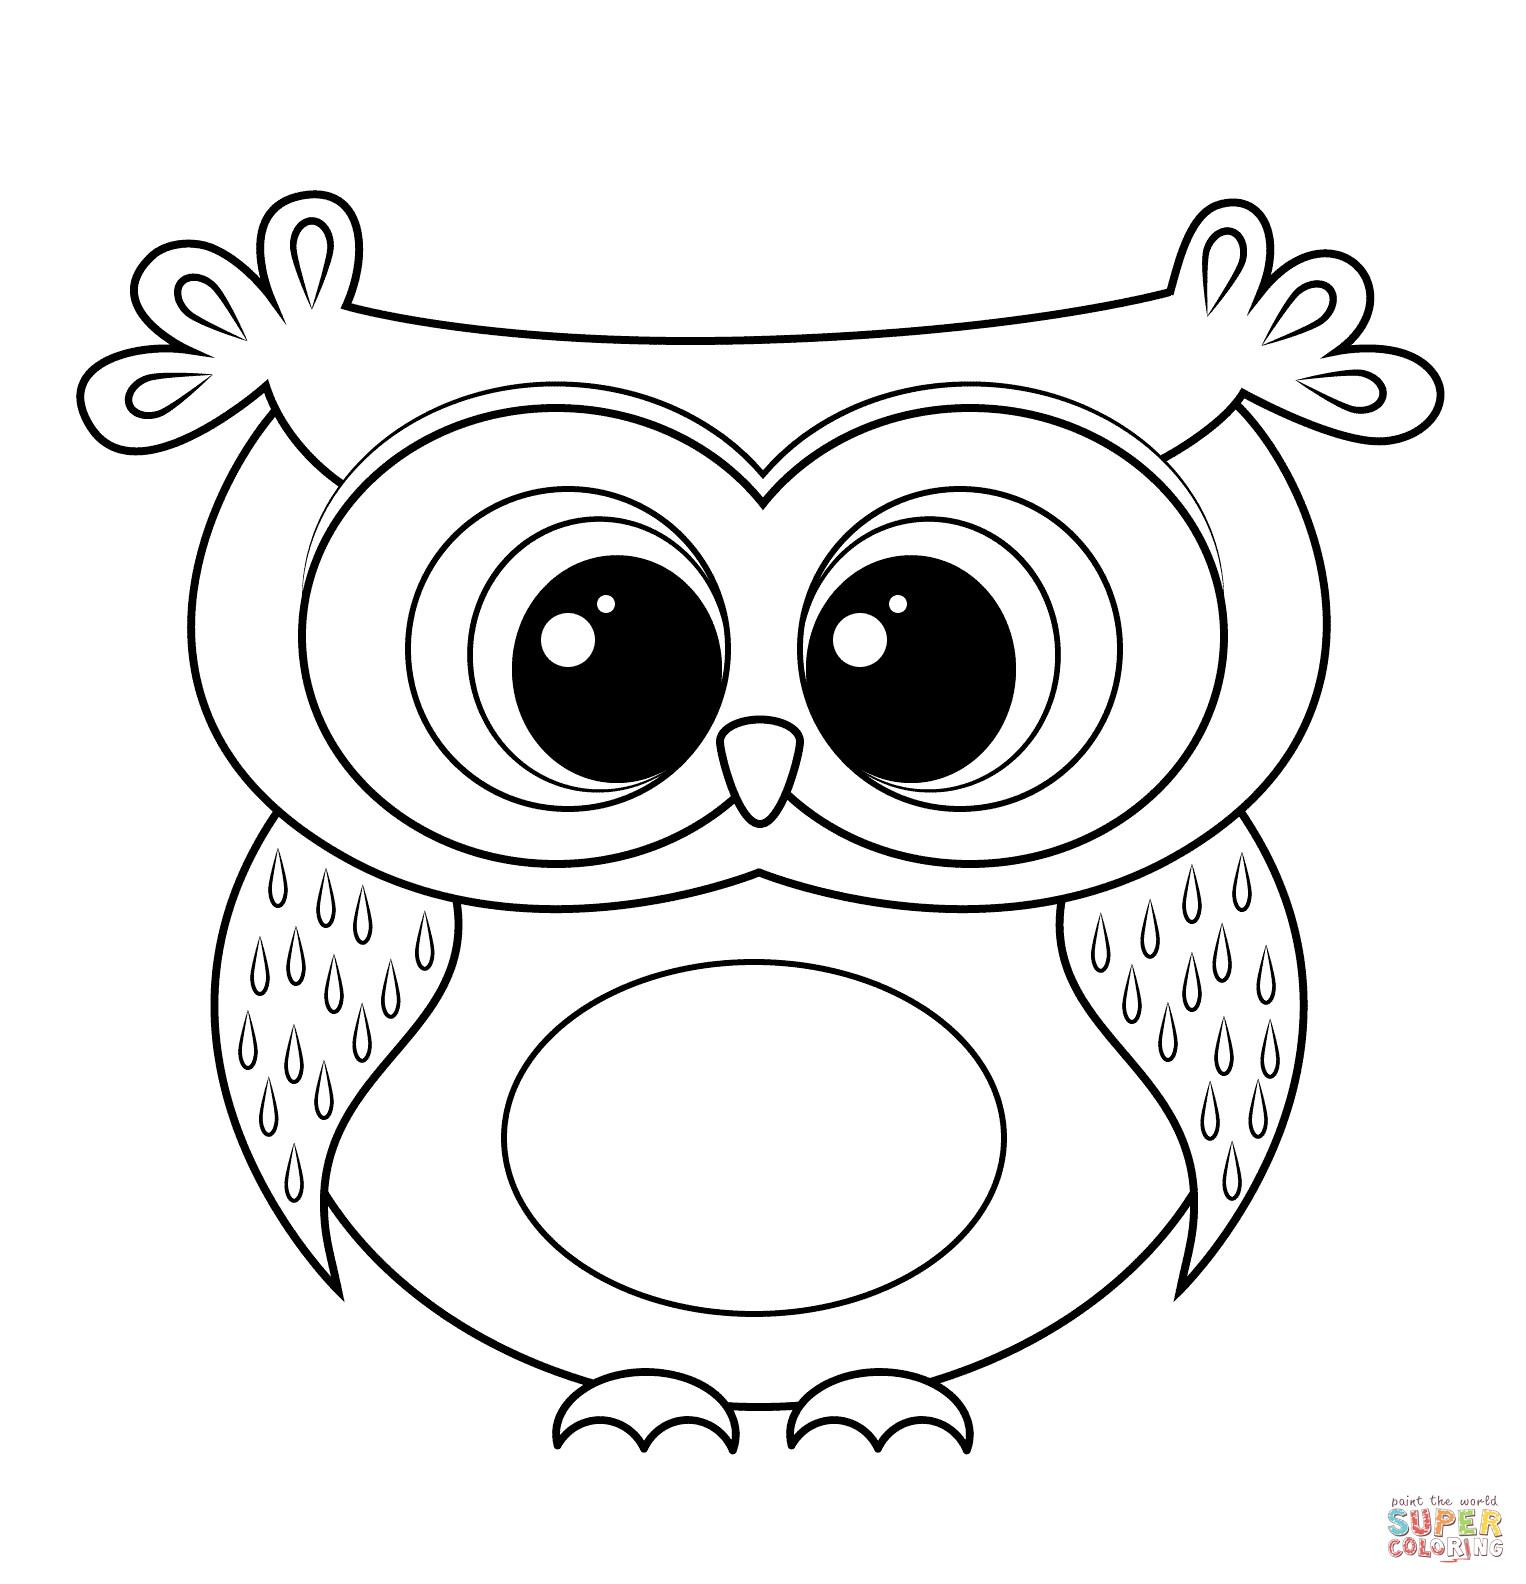 Eulen Auf ast Malvorlagen Einzigartig Malvorlagen Herbst Eule Beautiful Cartoon Owl Coloring Page Sammlung